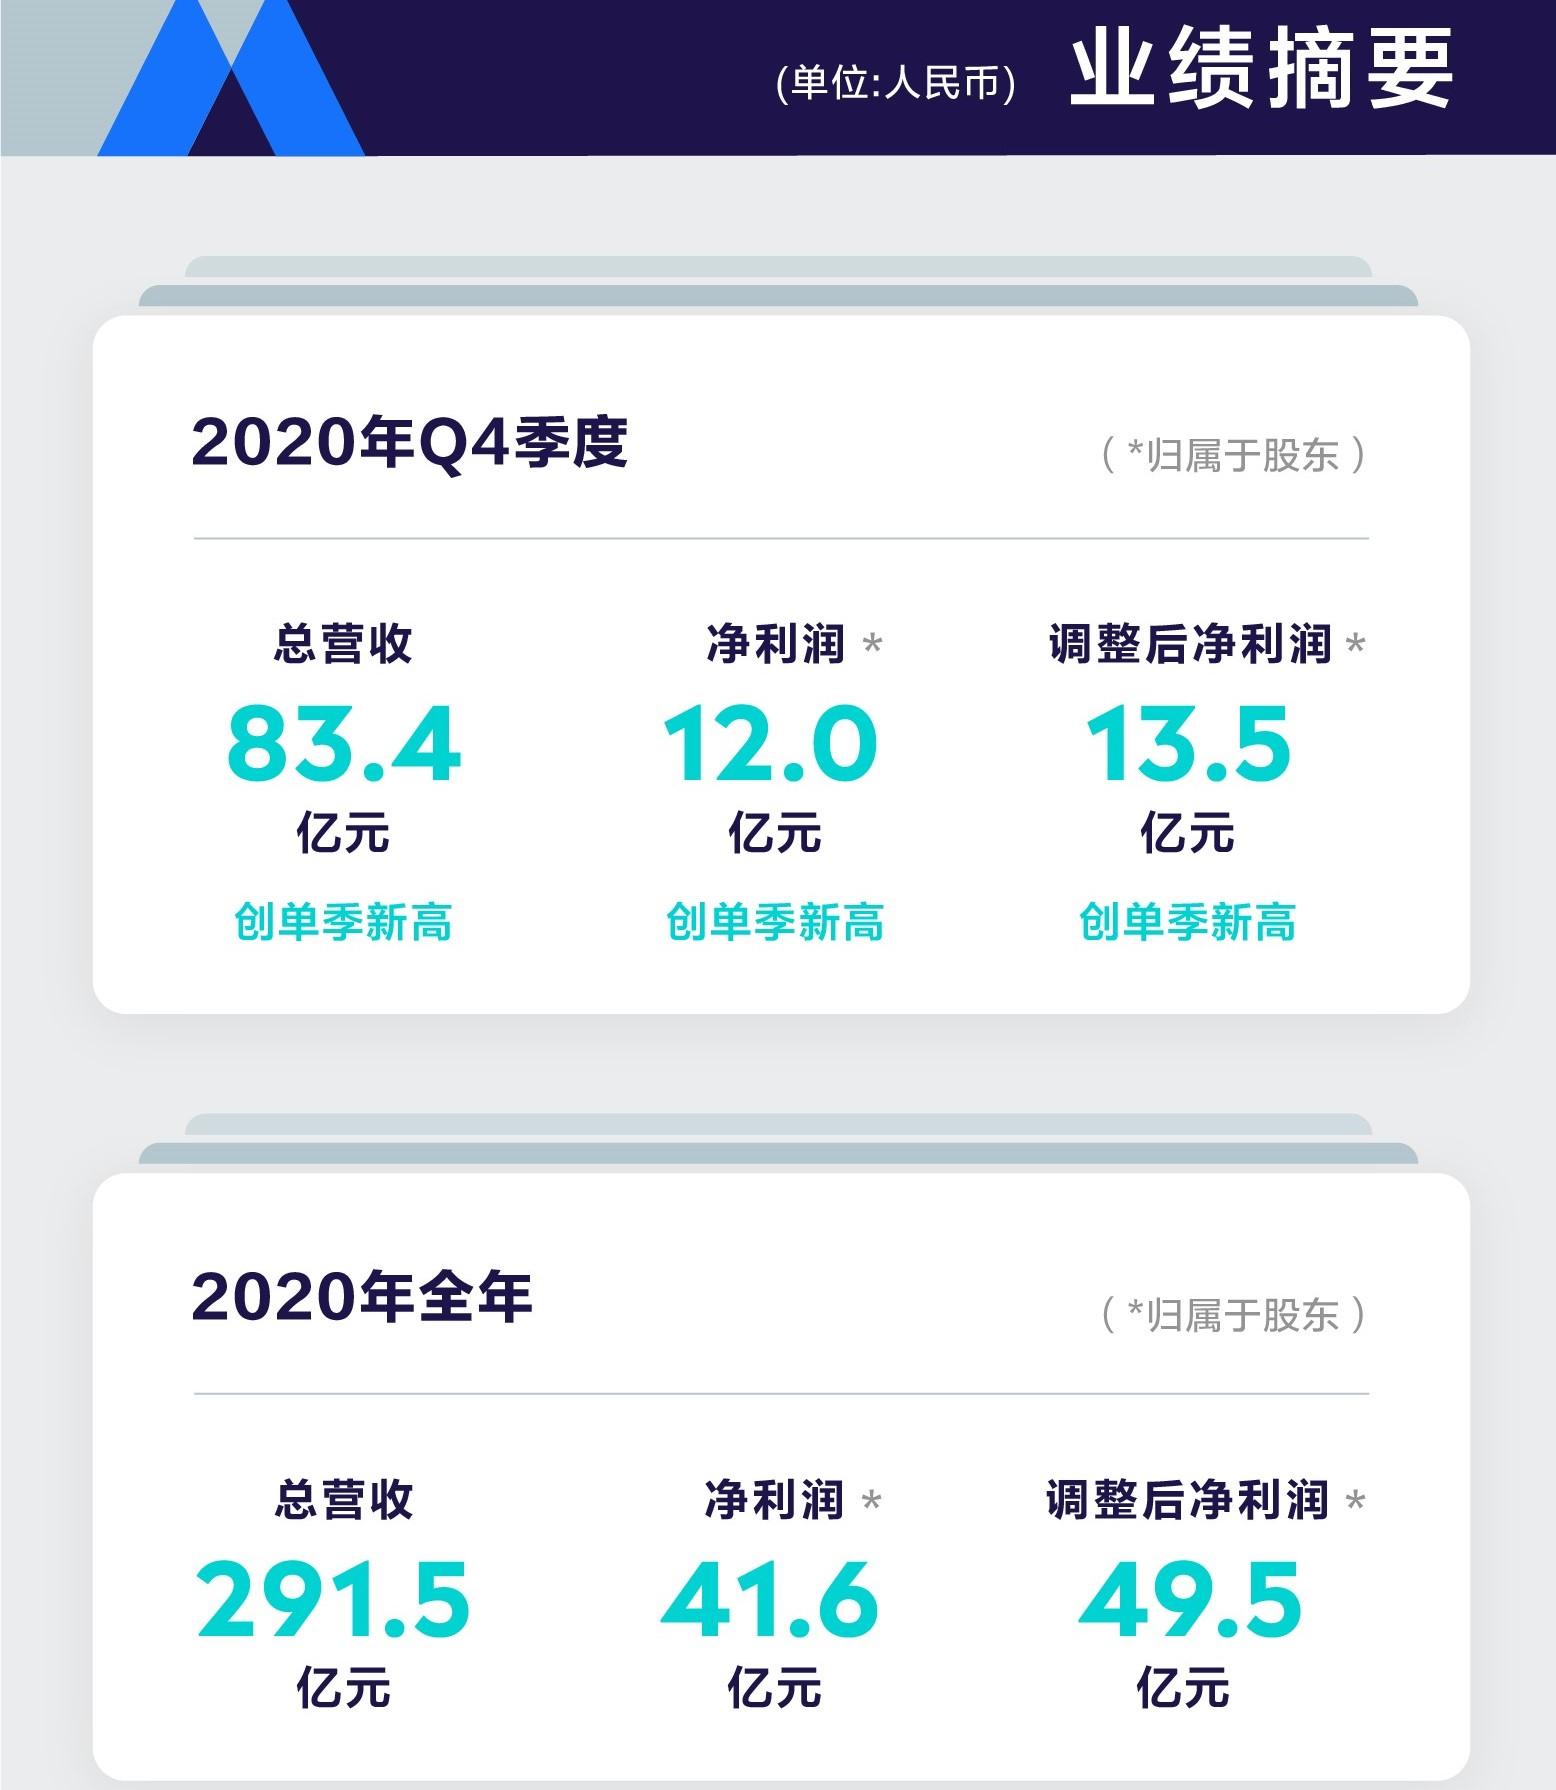 腾讯音乐2020年Q4财报超预期:在线音乐付费用户两年翻番达5600万,付费率破9%